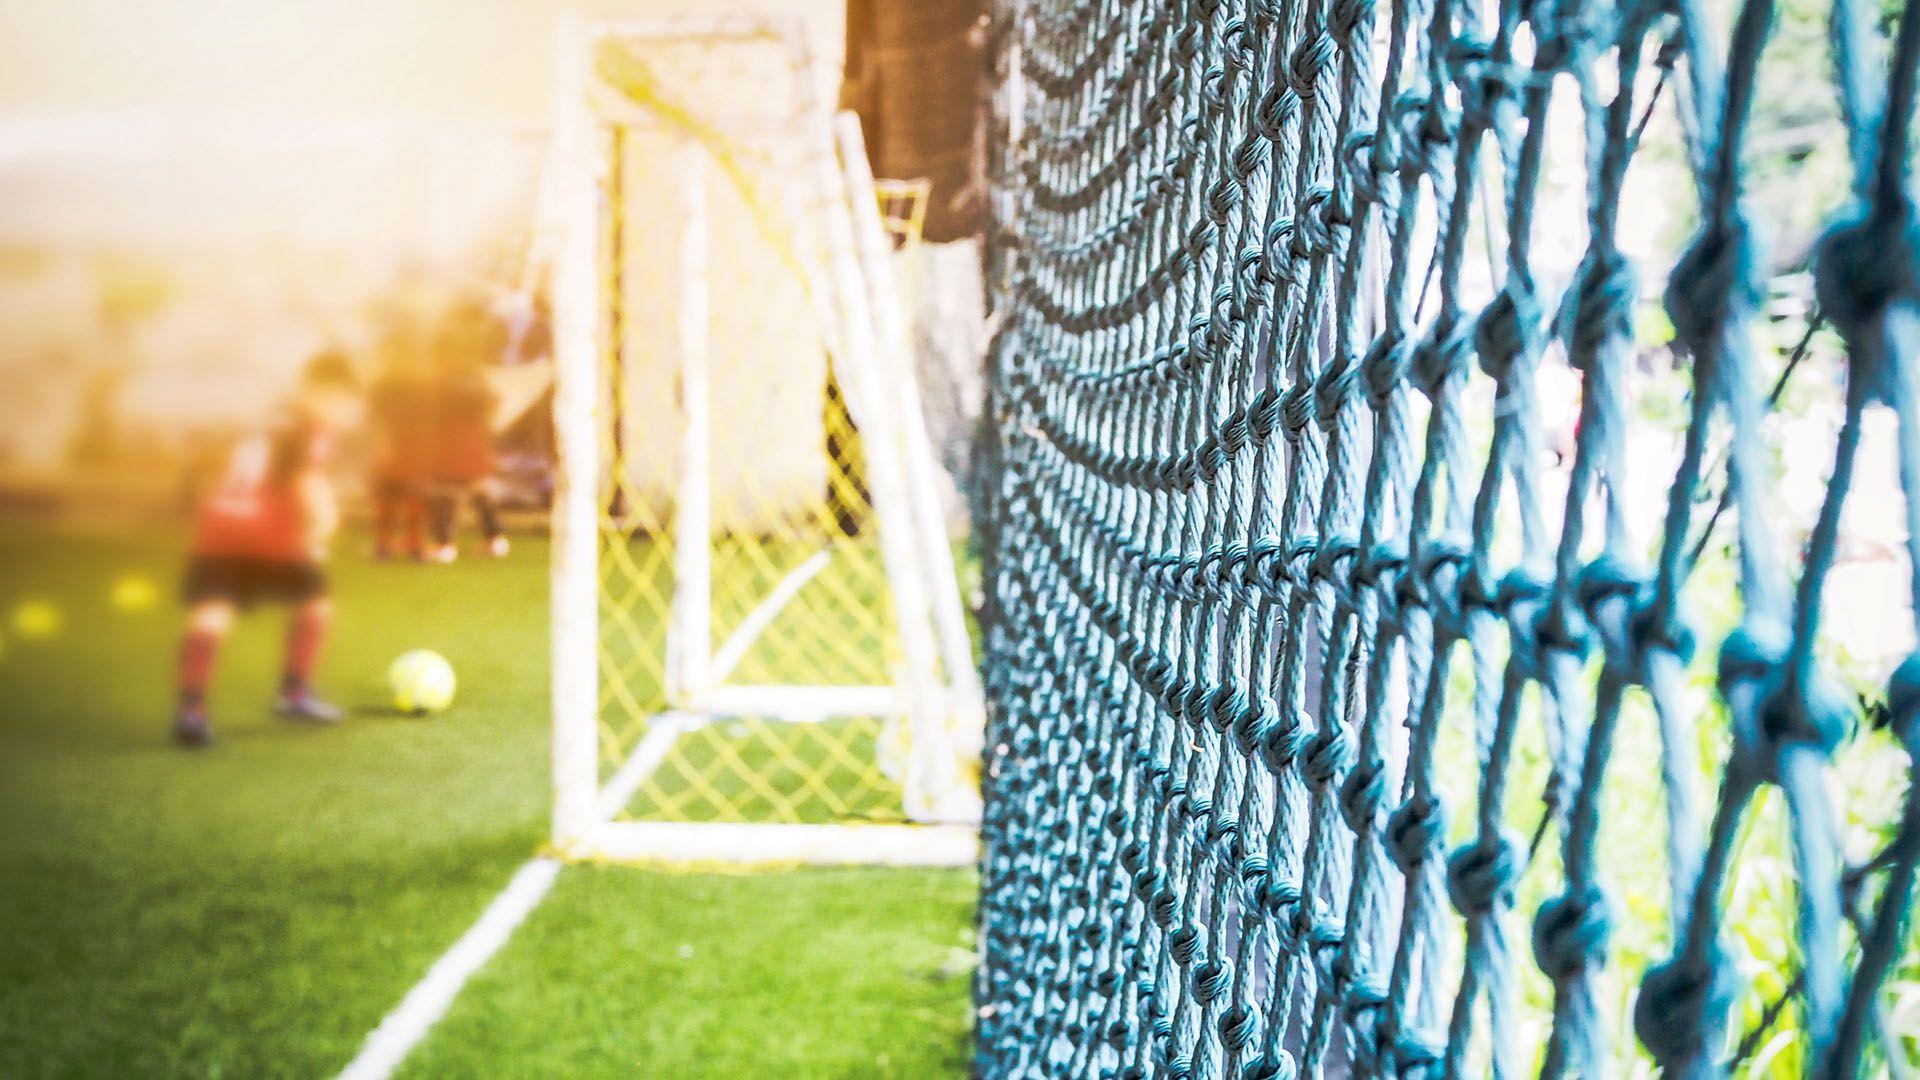 Desactivaron un partido de fútbol clandestino en Lomas de Zamora